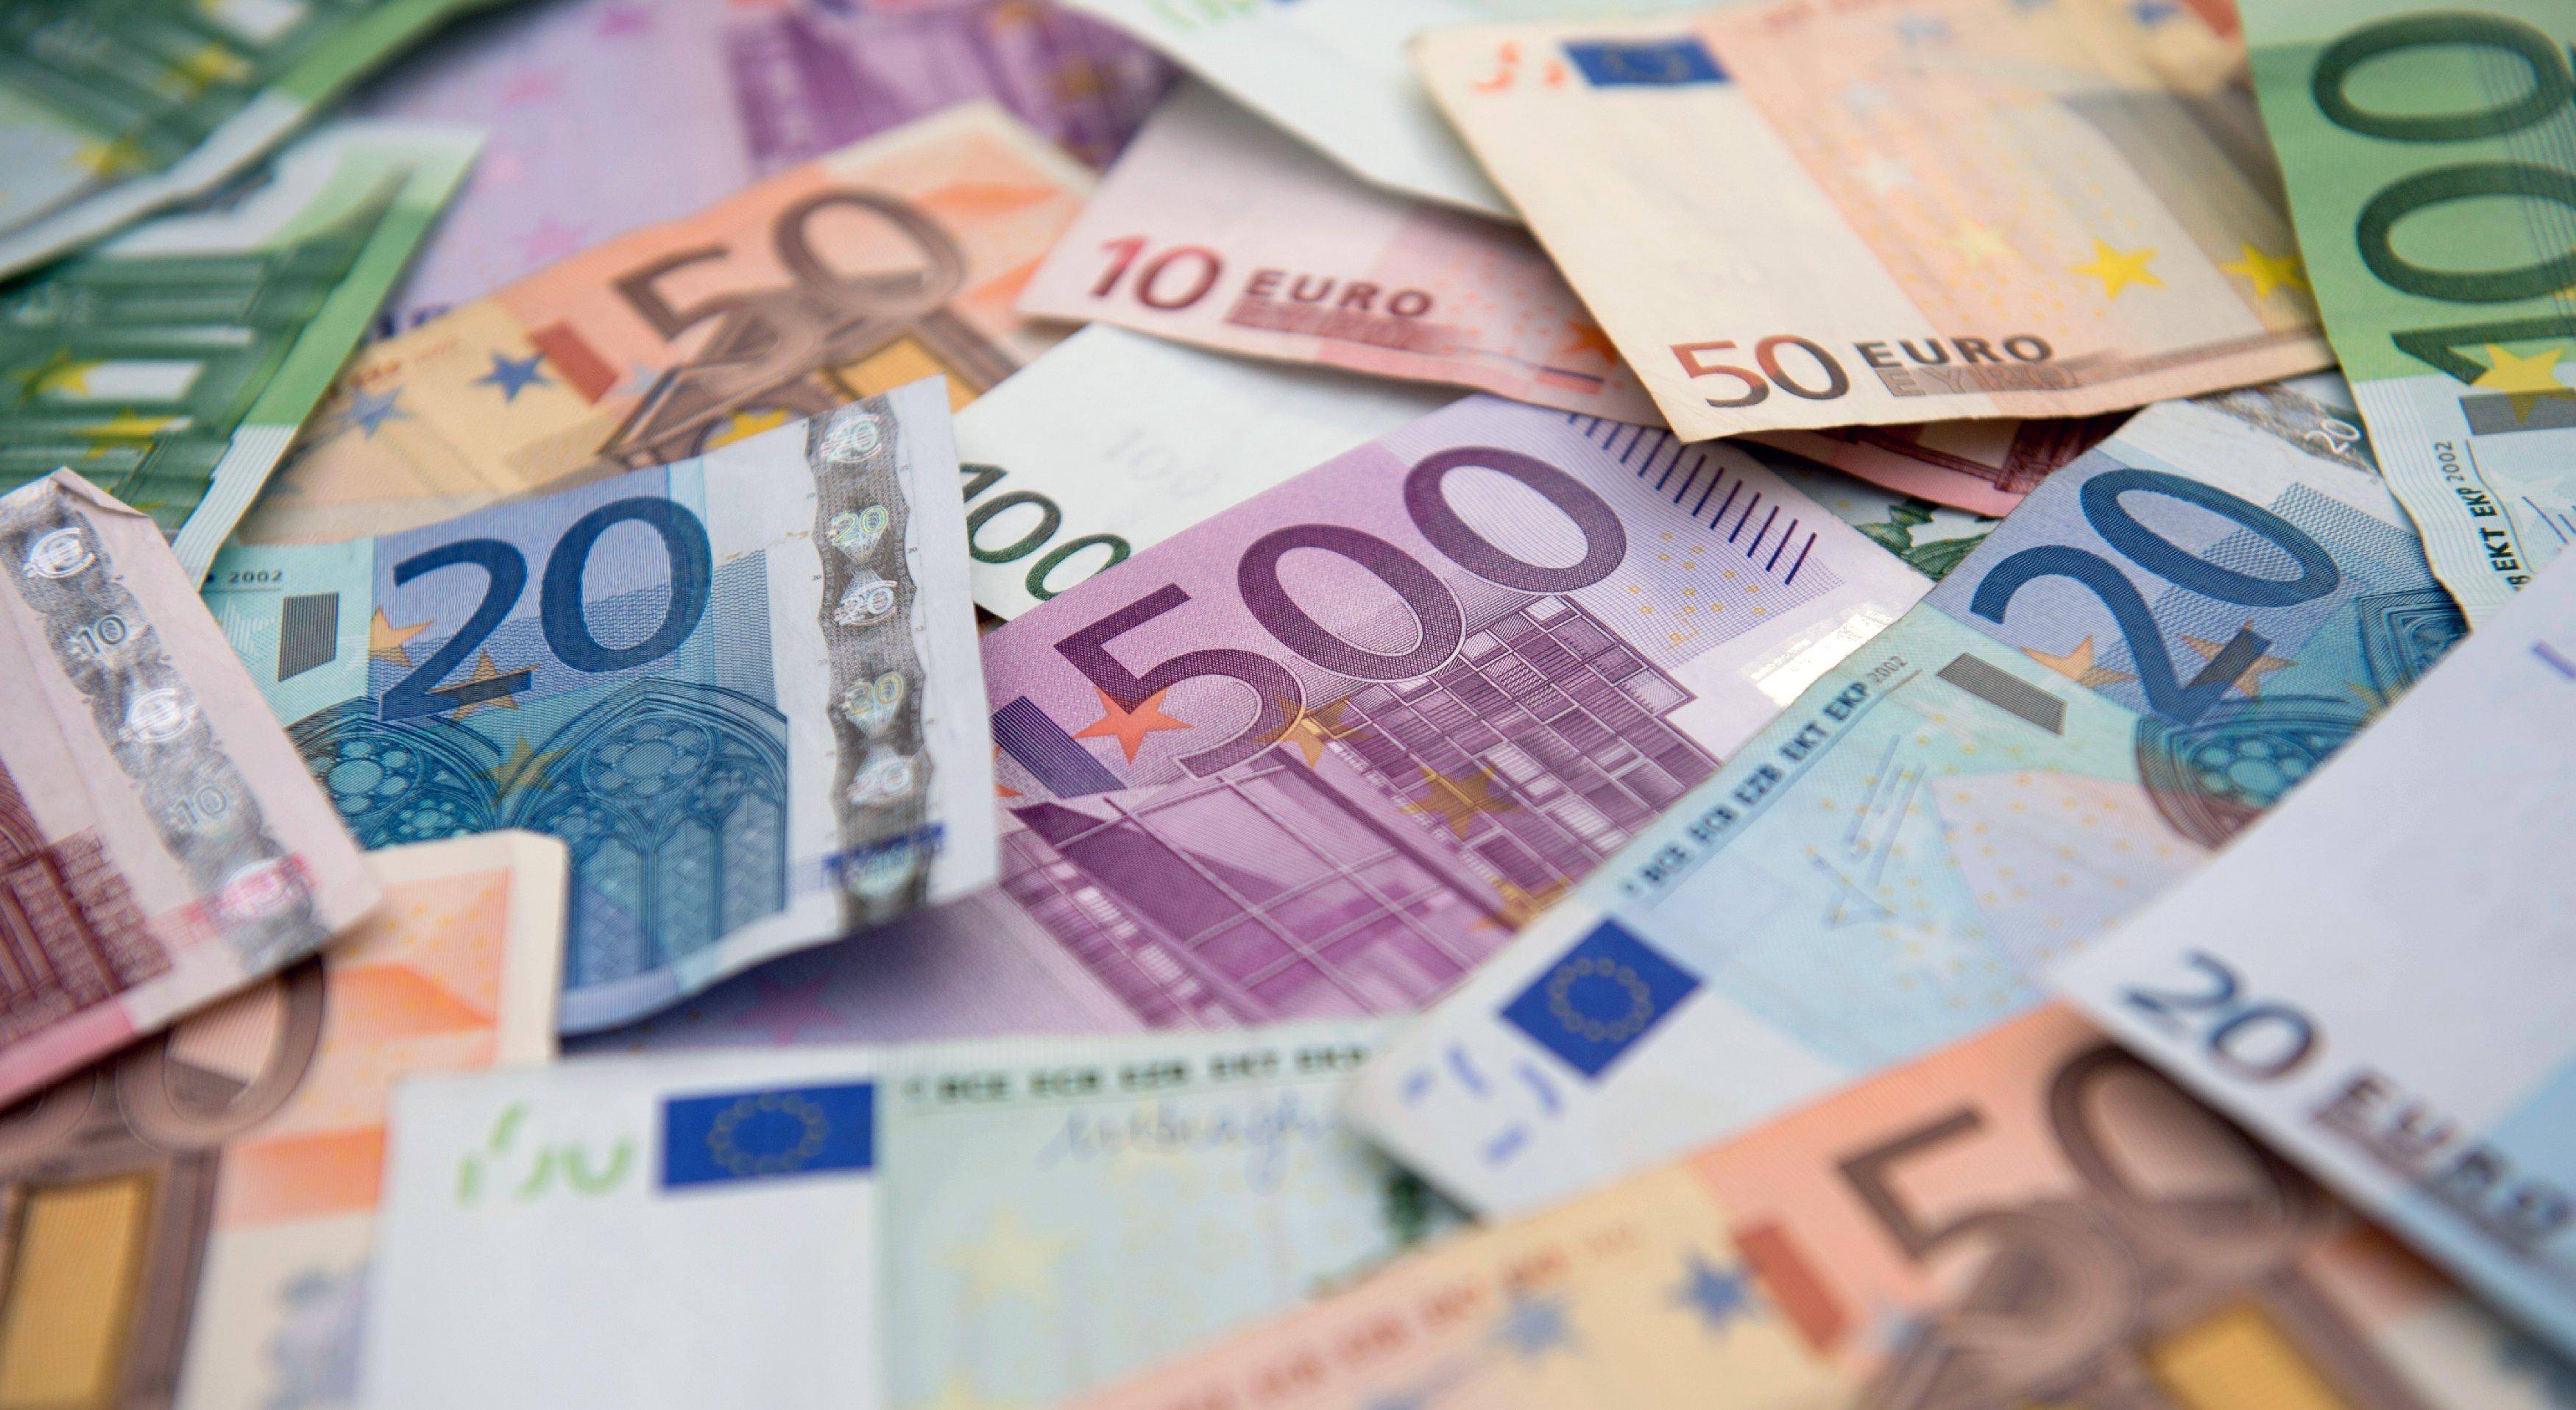 Alman Bankası Deutsche Bank 200 milyar Euro'luk kara para skandalına karıştı